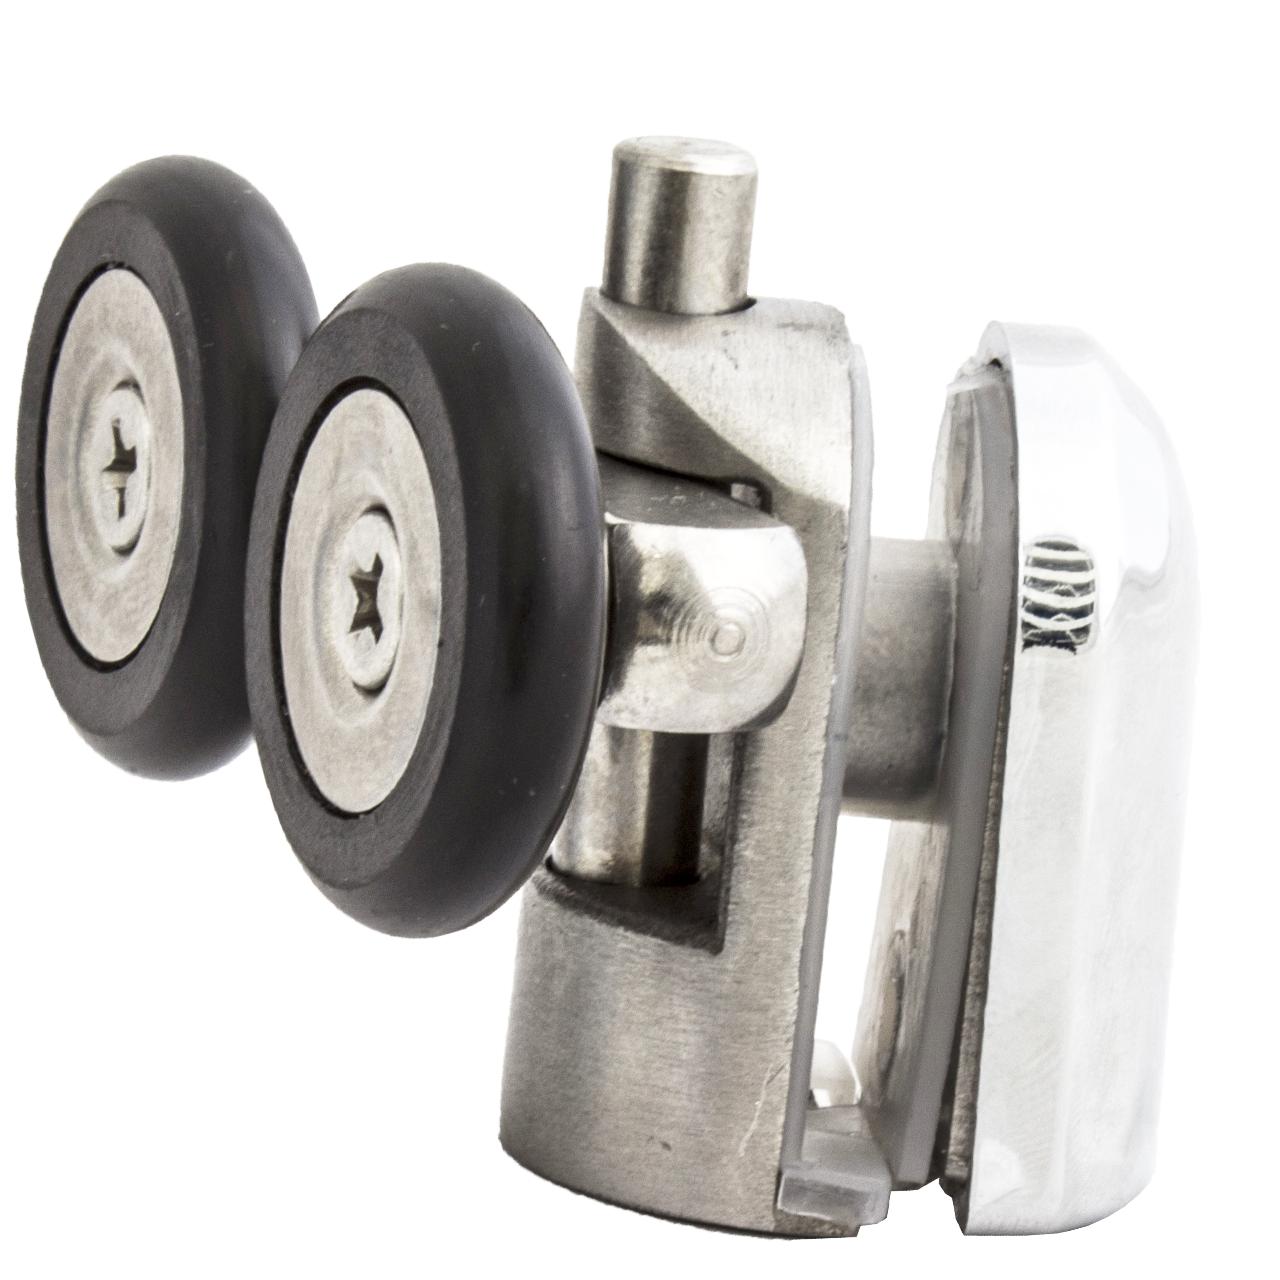 Ролик душової кабіни подвійний, нижній, натискної, металевий, нержавійка ( N-43H ) 19 мм